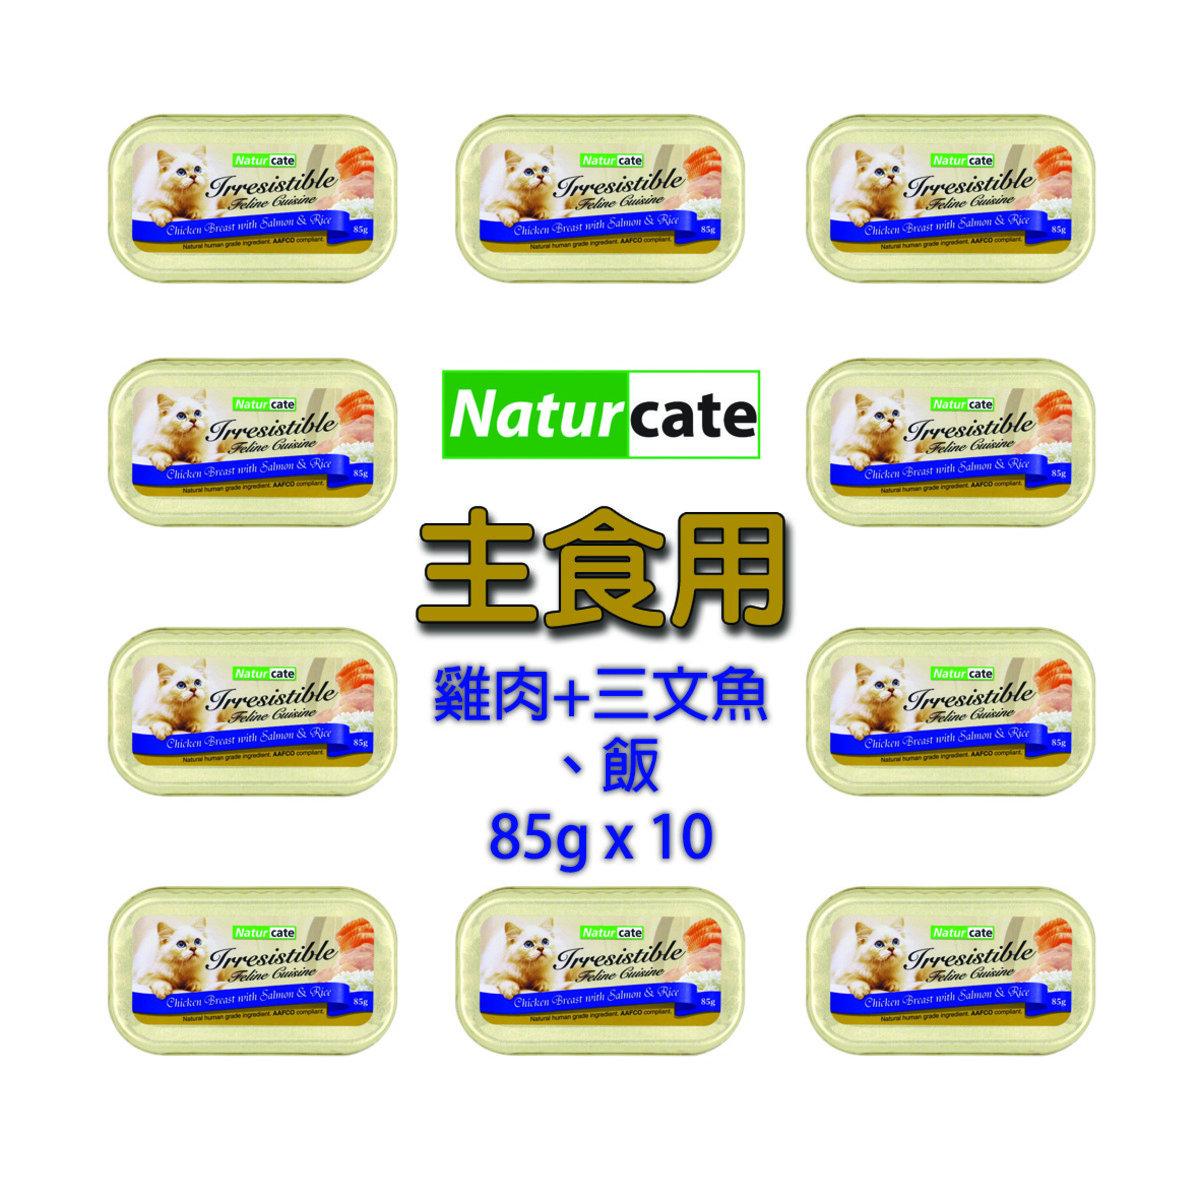 雞胸肉+三文魚、飯 85g - 10罐